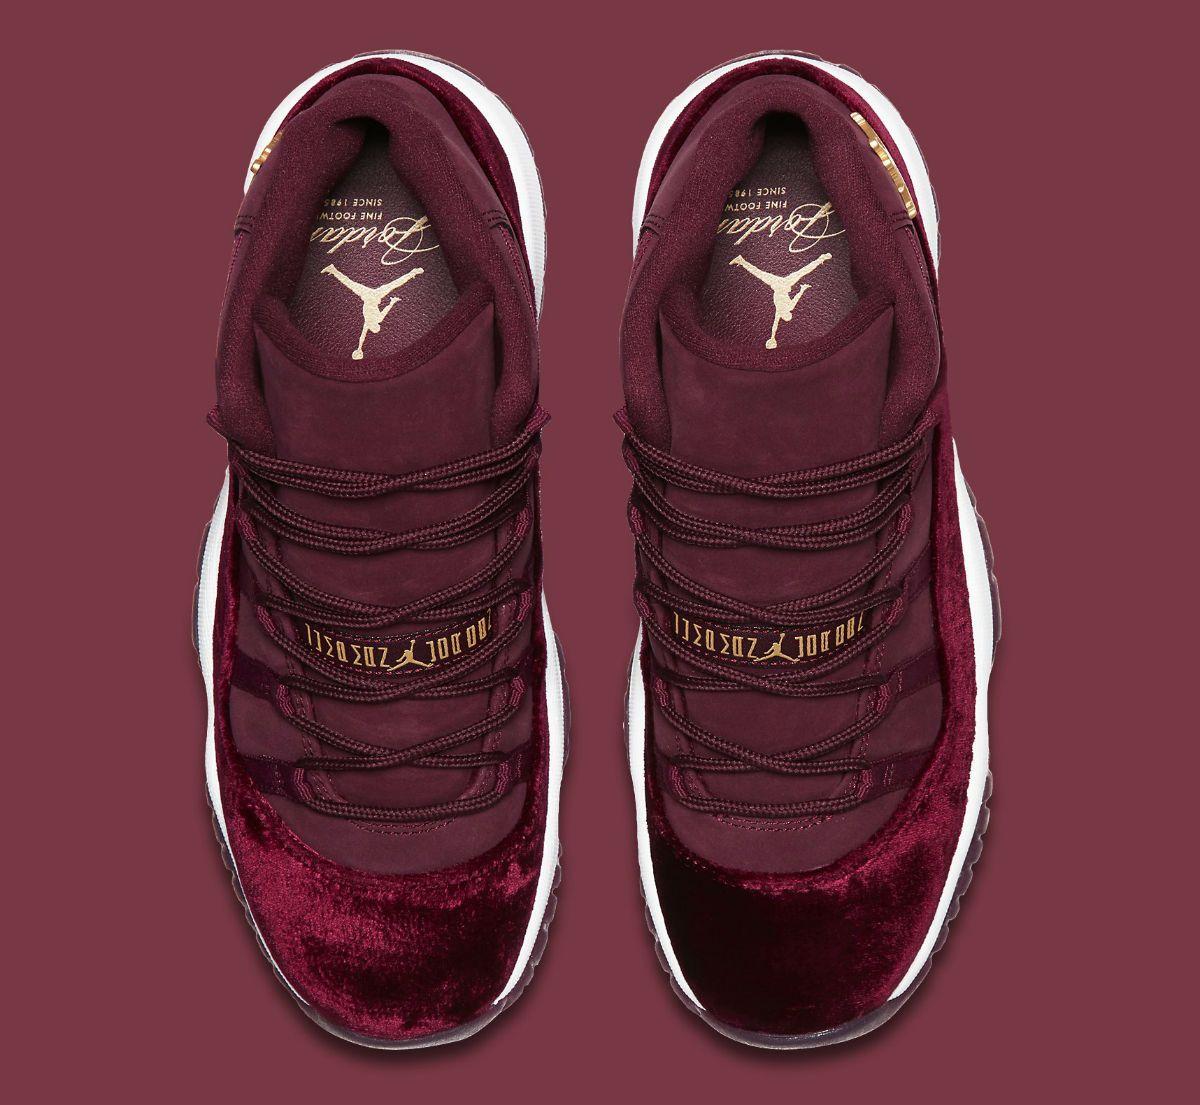 127d743af43 Air Jordan 11 GG Red Velvet Heiress Release Date Top 852625-650 ...